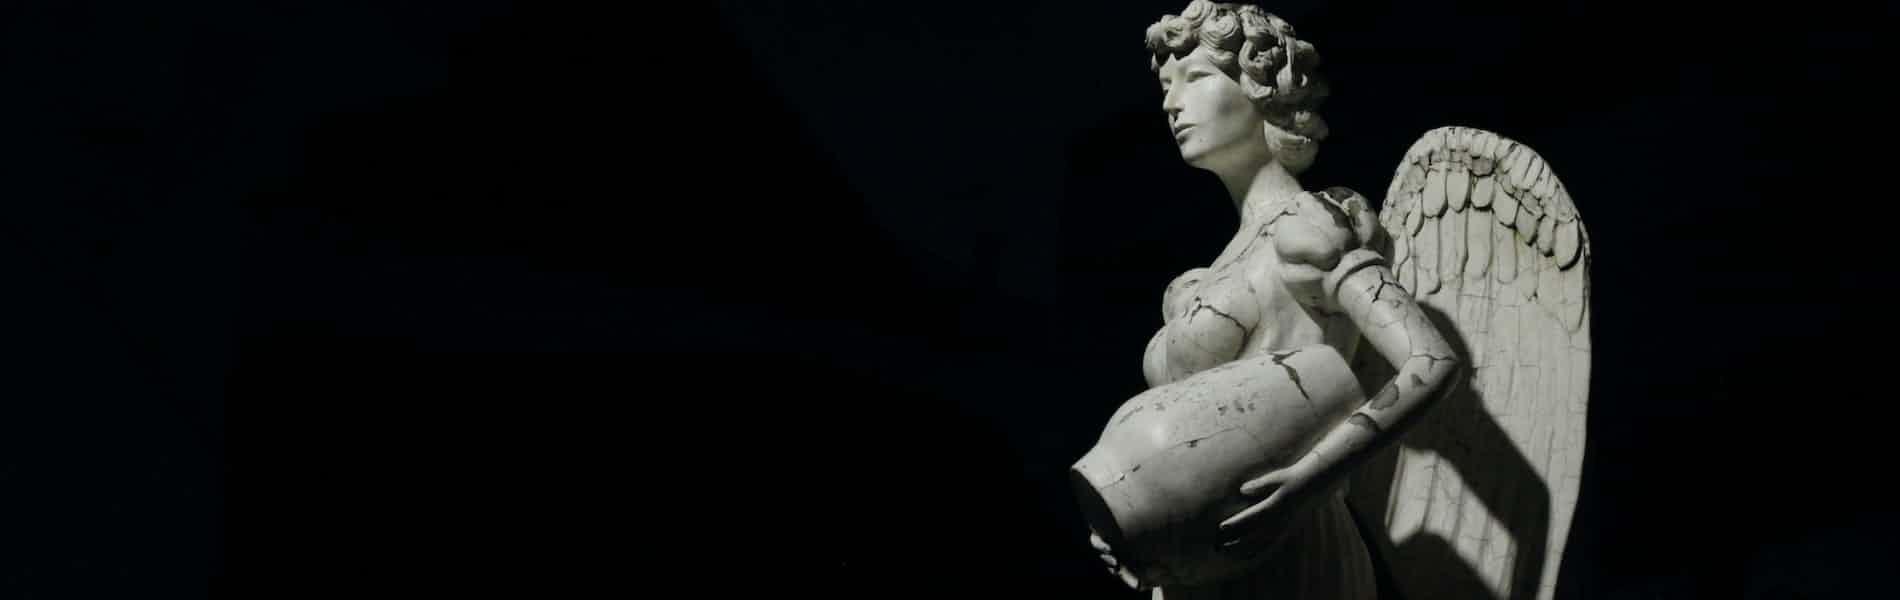 המלאך כנקודת 'אמר בלבו': קריאה באלגיות דואינו לר.מ. רילקה